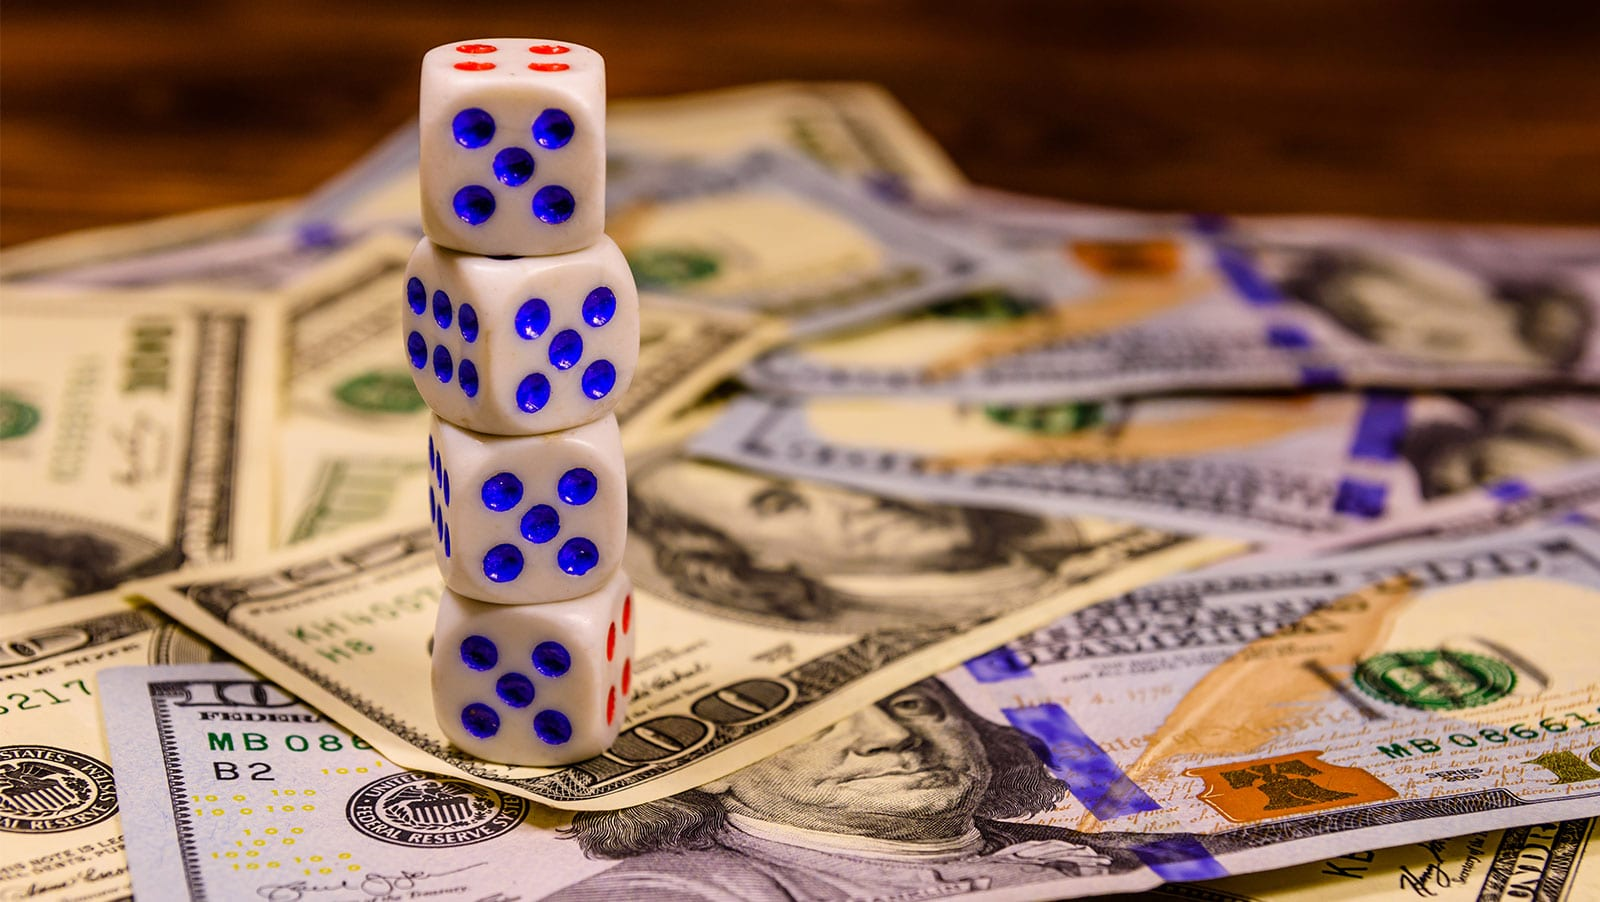 crown-resorts-under-fire-for-sending-big-bucks-to-drug-dealer-min